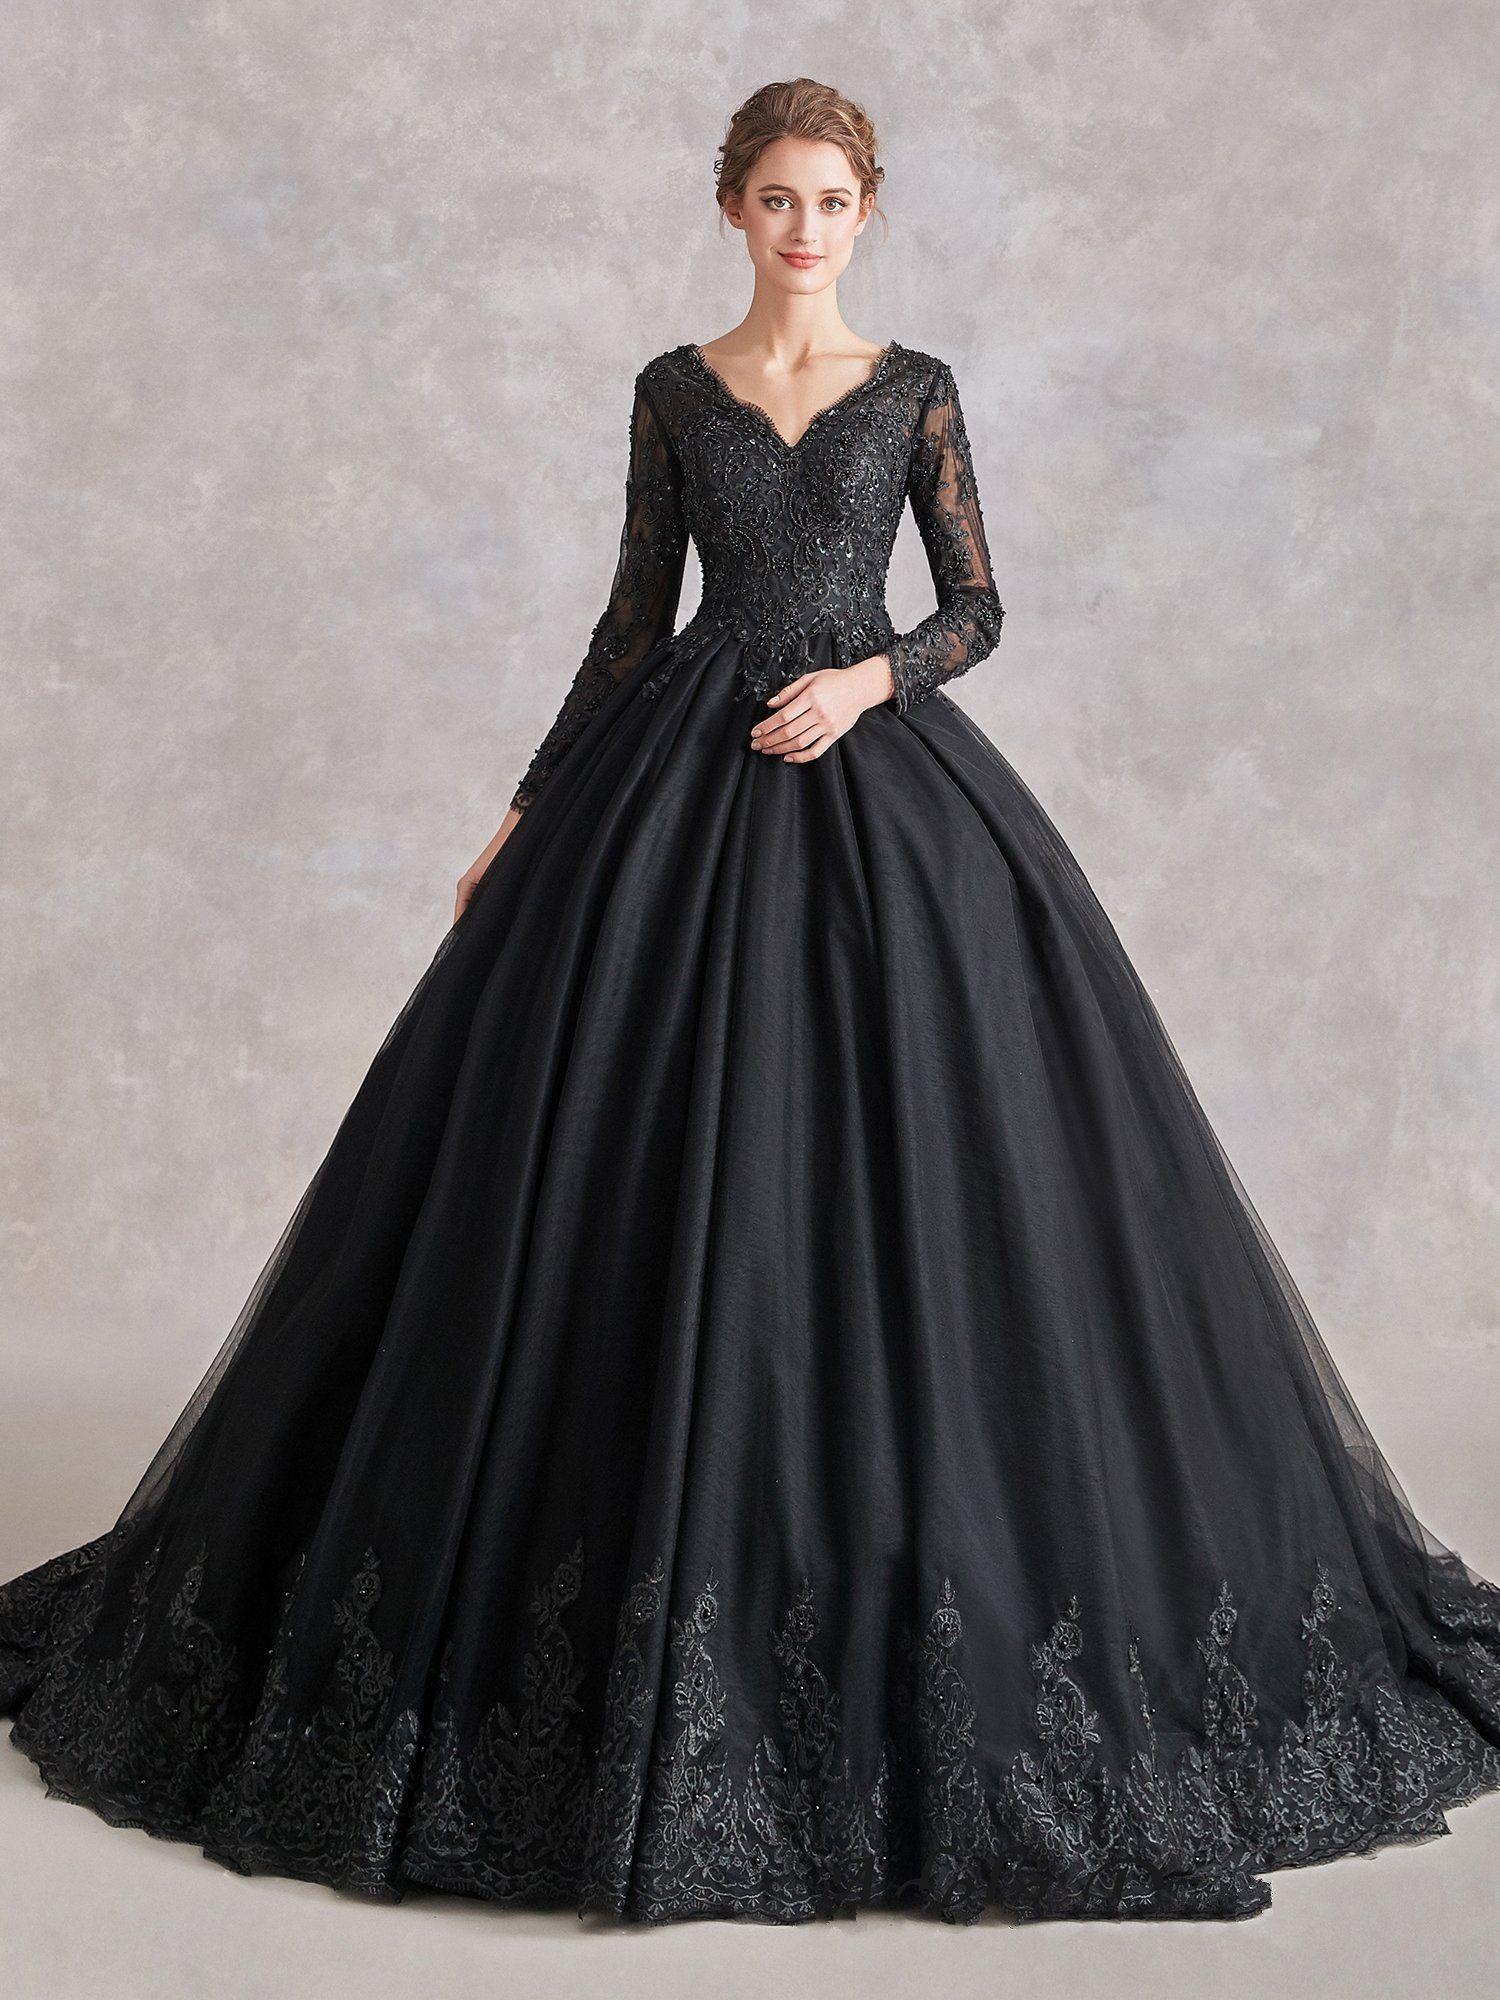 Zander By Sottero And Midgley Wedding Dresses And Accessories Black Lace Wedding Dress Black Lace Wedding Gothic Wedding Dress [ 1504 x 1128 Pixel ]